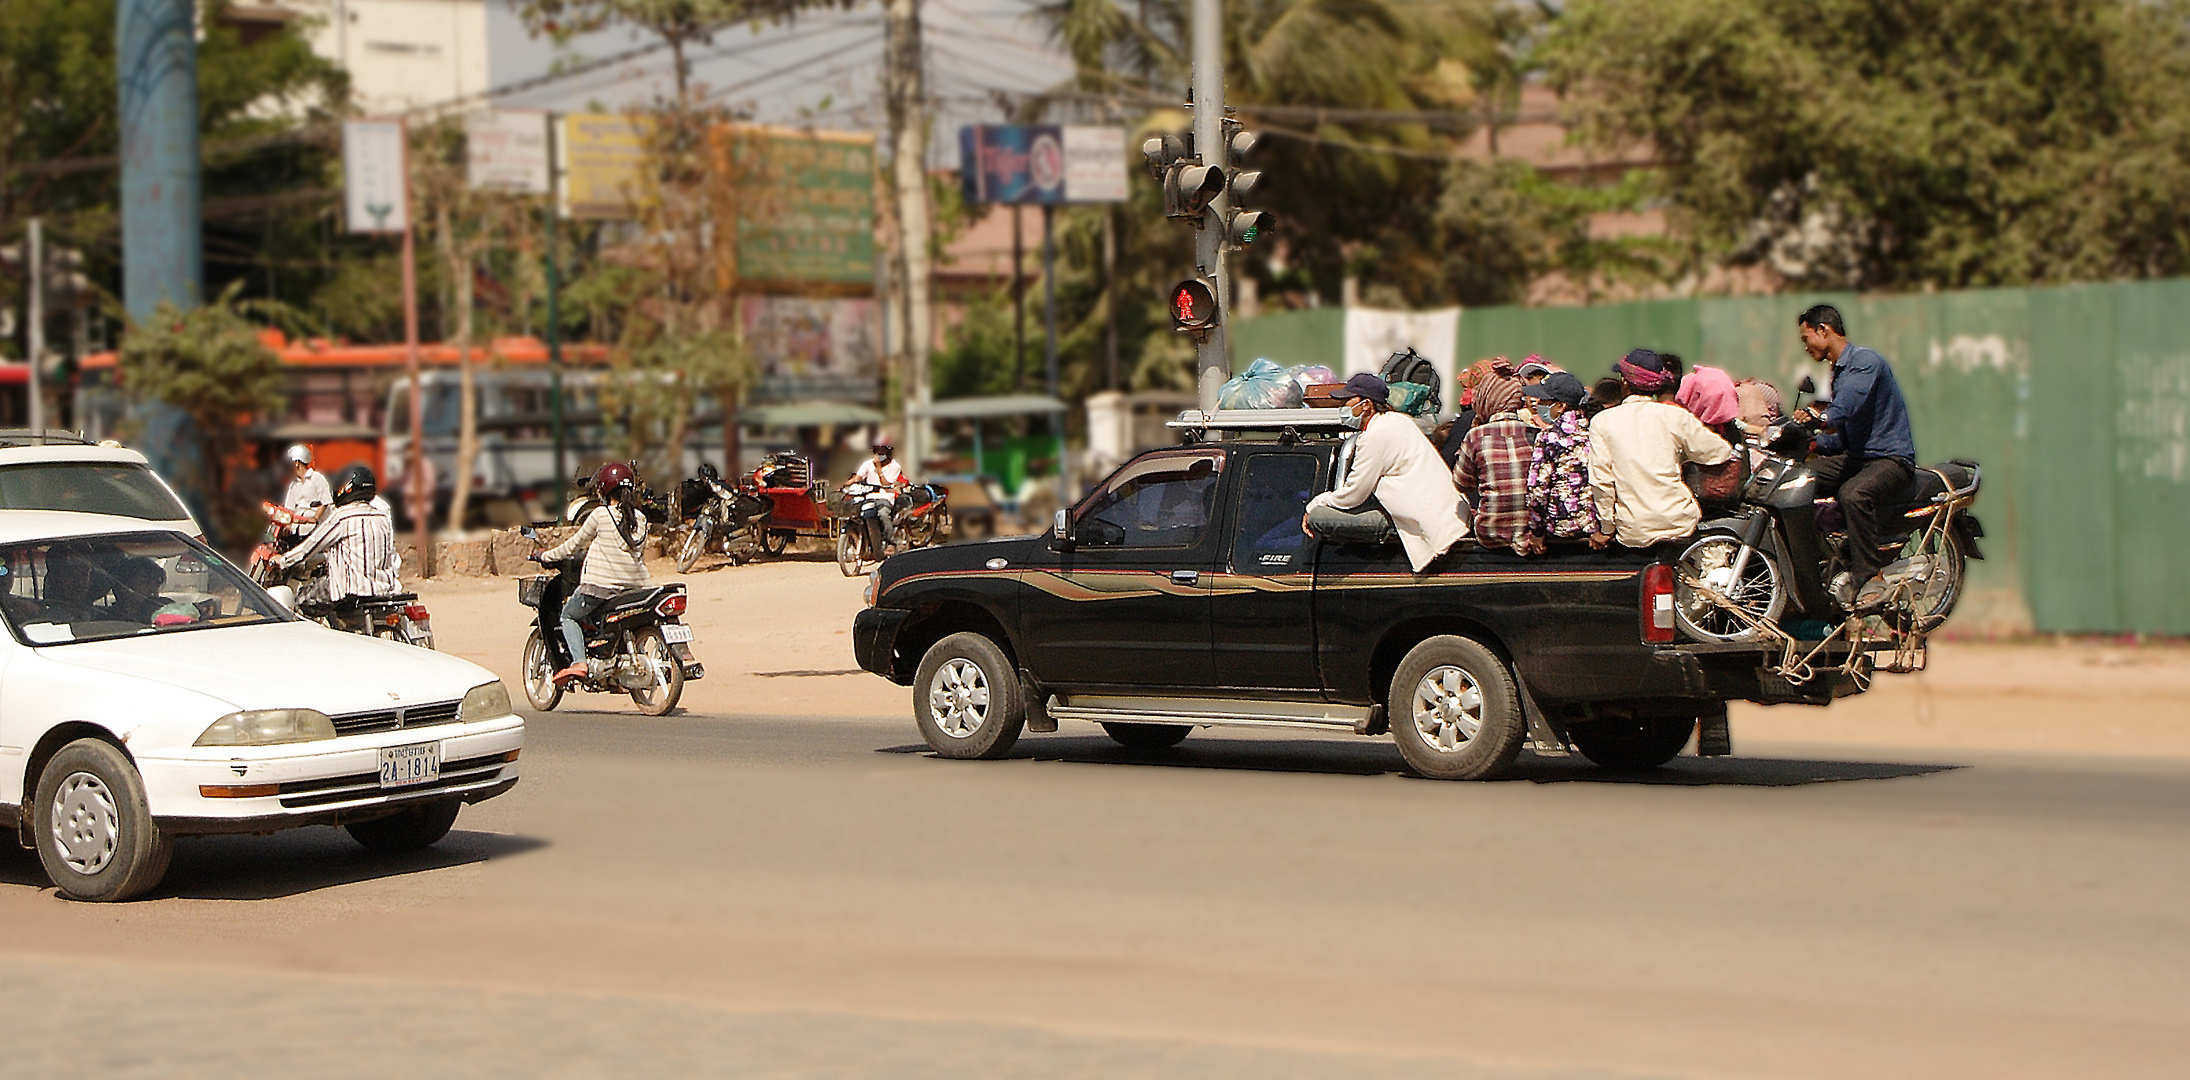 Fahrgemeinschaft in Siem Reap (Kambodscha)